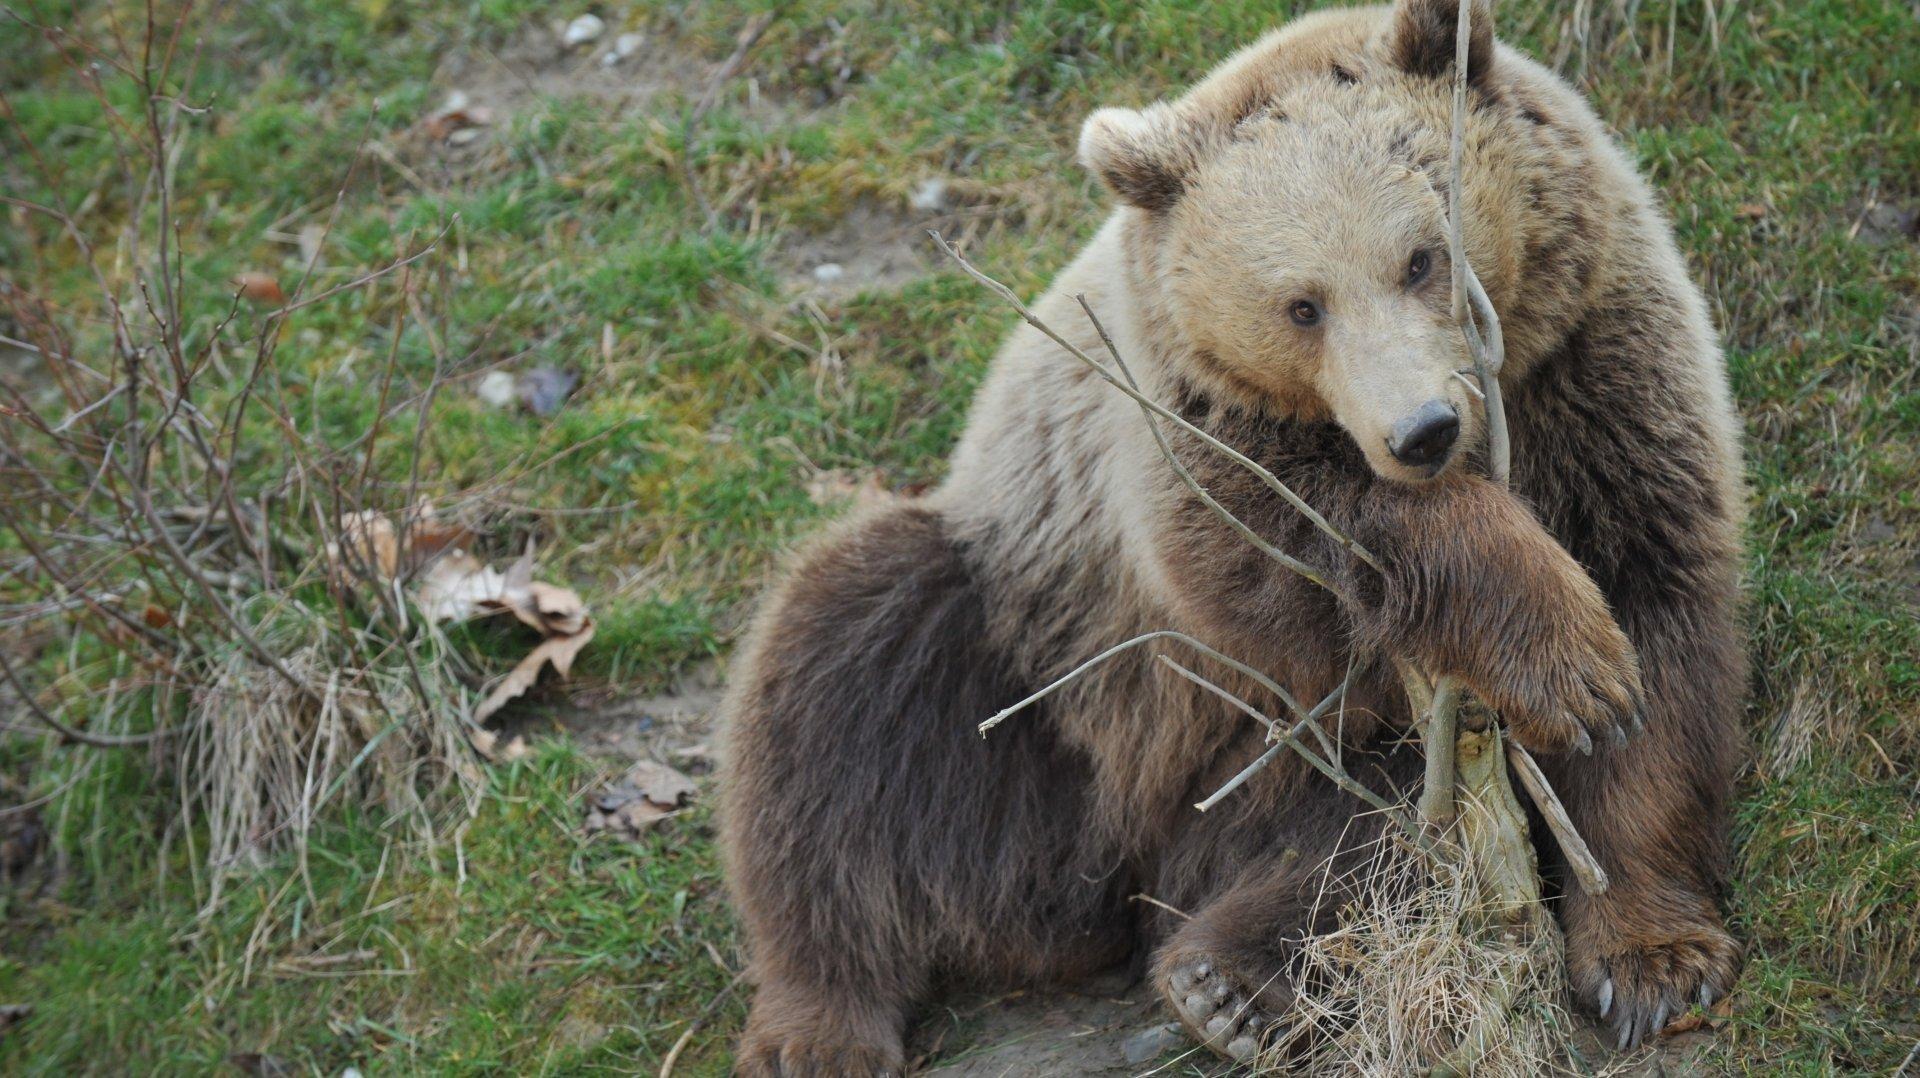 Ursina, née le 16 décembre 2009, est la fille de Björk et de Finn. C'est également en 2009 que le nouveau parc aux ours a vu le jour.